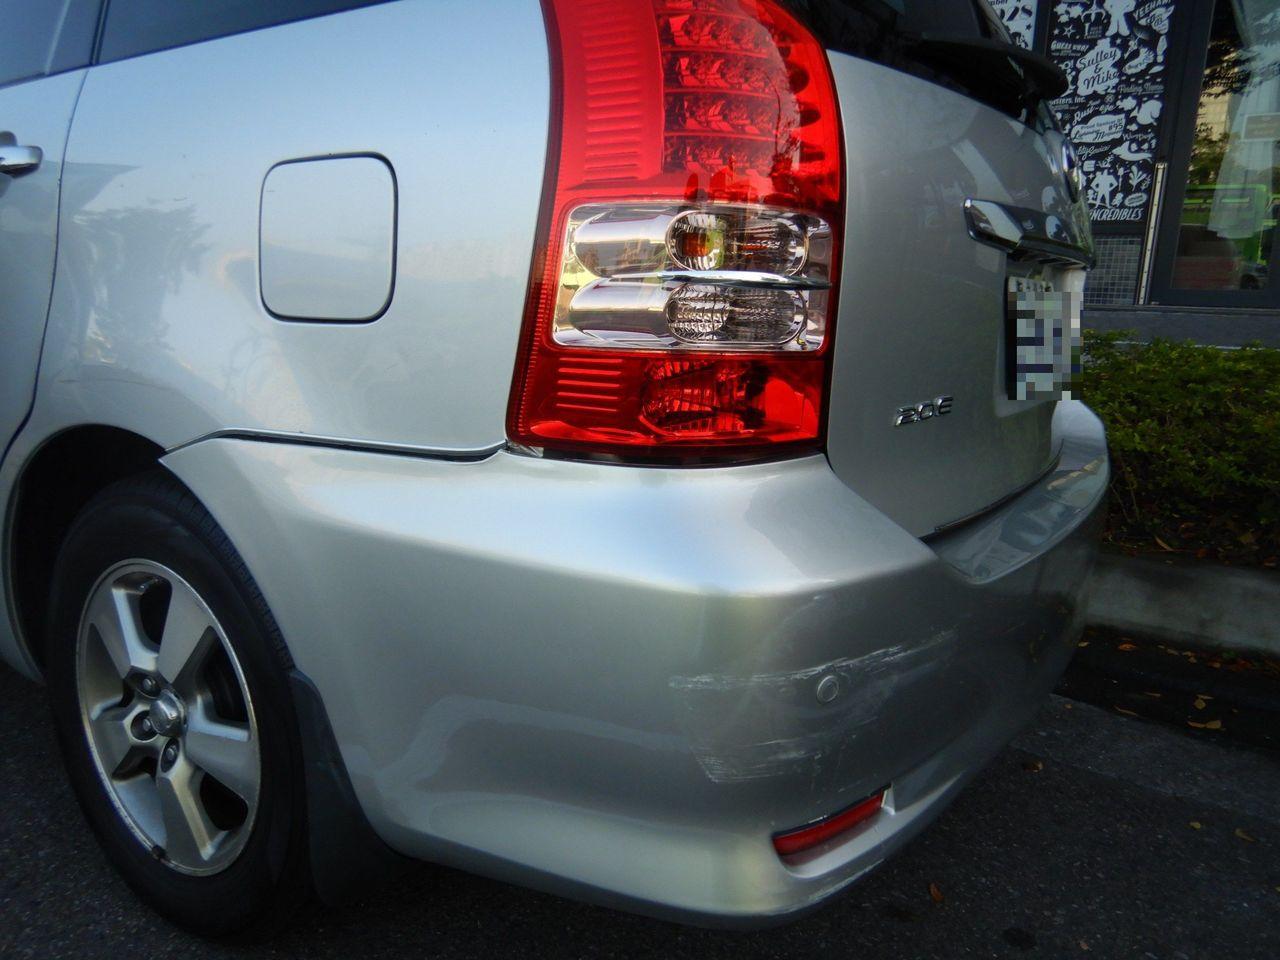 台中市張男牽車時發現,左後保險桿有擦撞痕跡,憤而報警。記者林佩均/翻攝